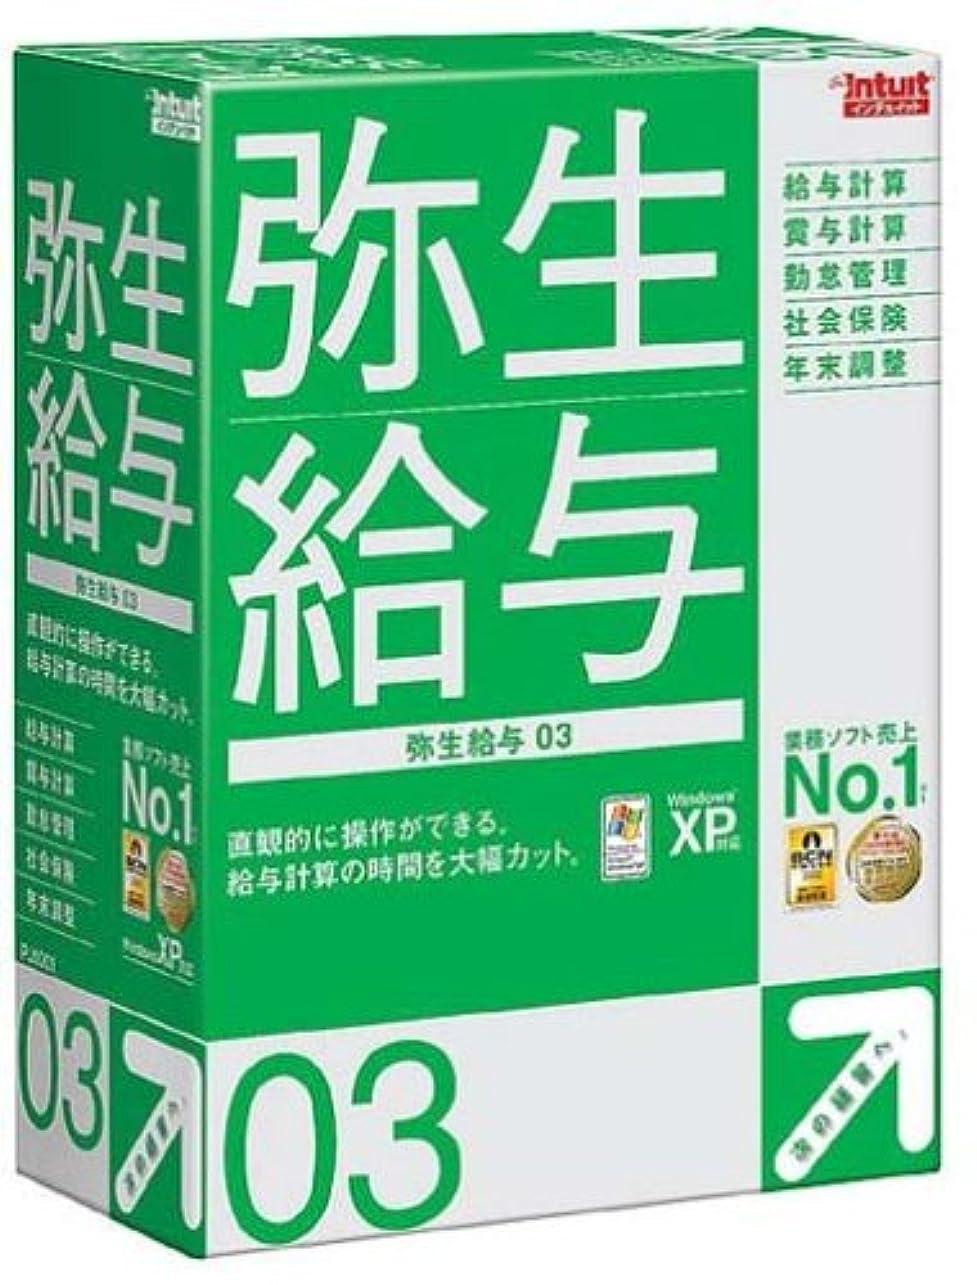 費やすクラッチ発明する【旧商品】弥生給与 03